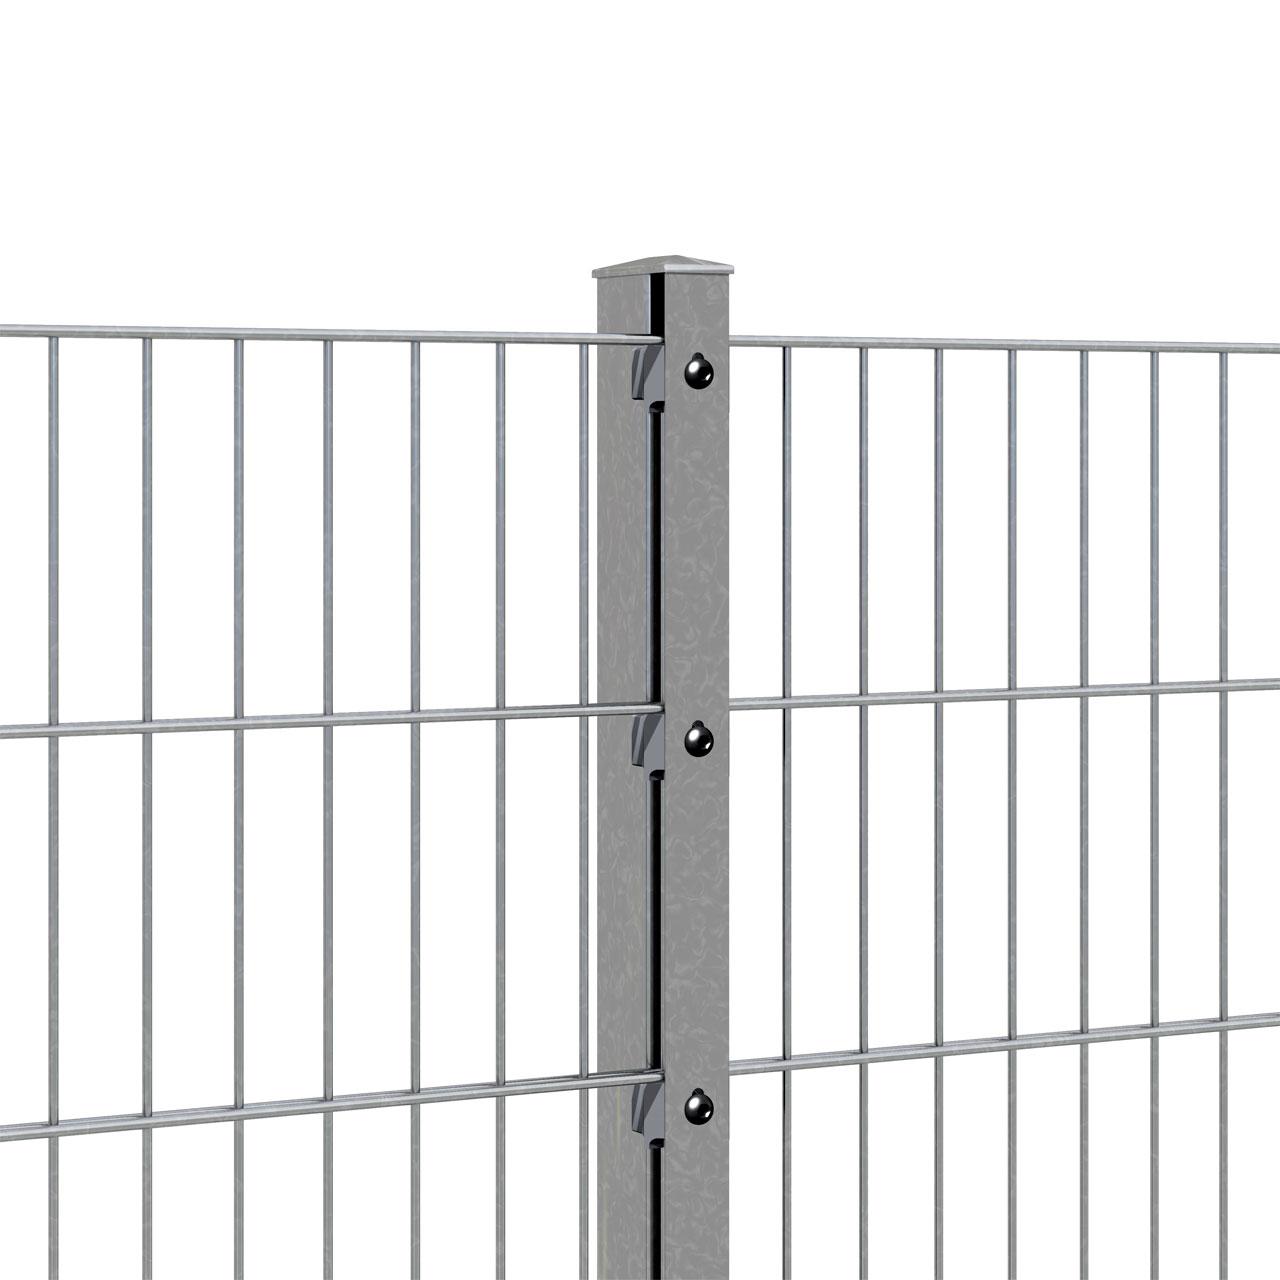 Zaunpfosten für Doppelstabmatte 160cm verzinkt